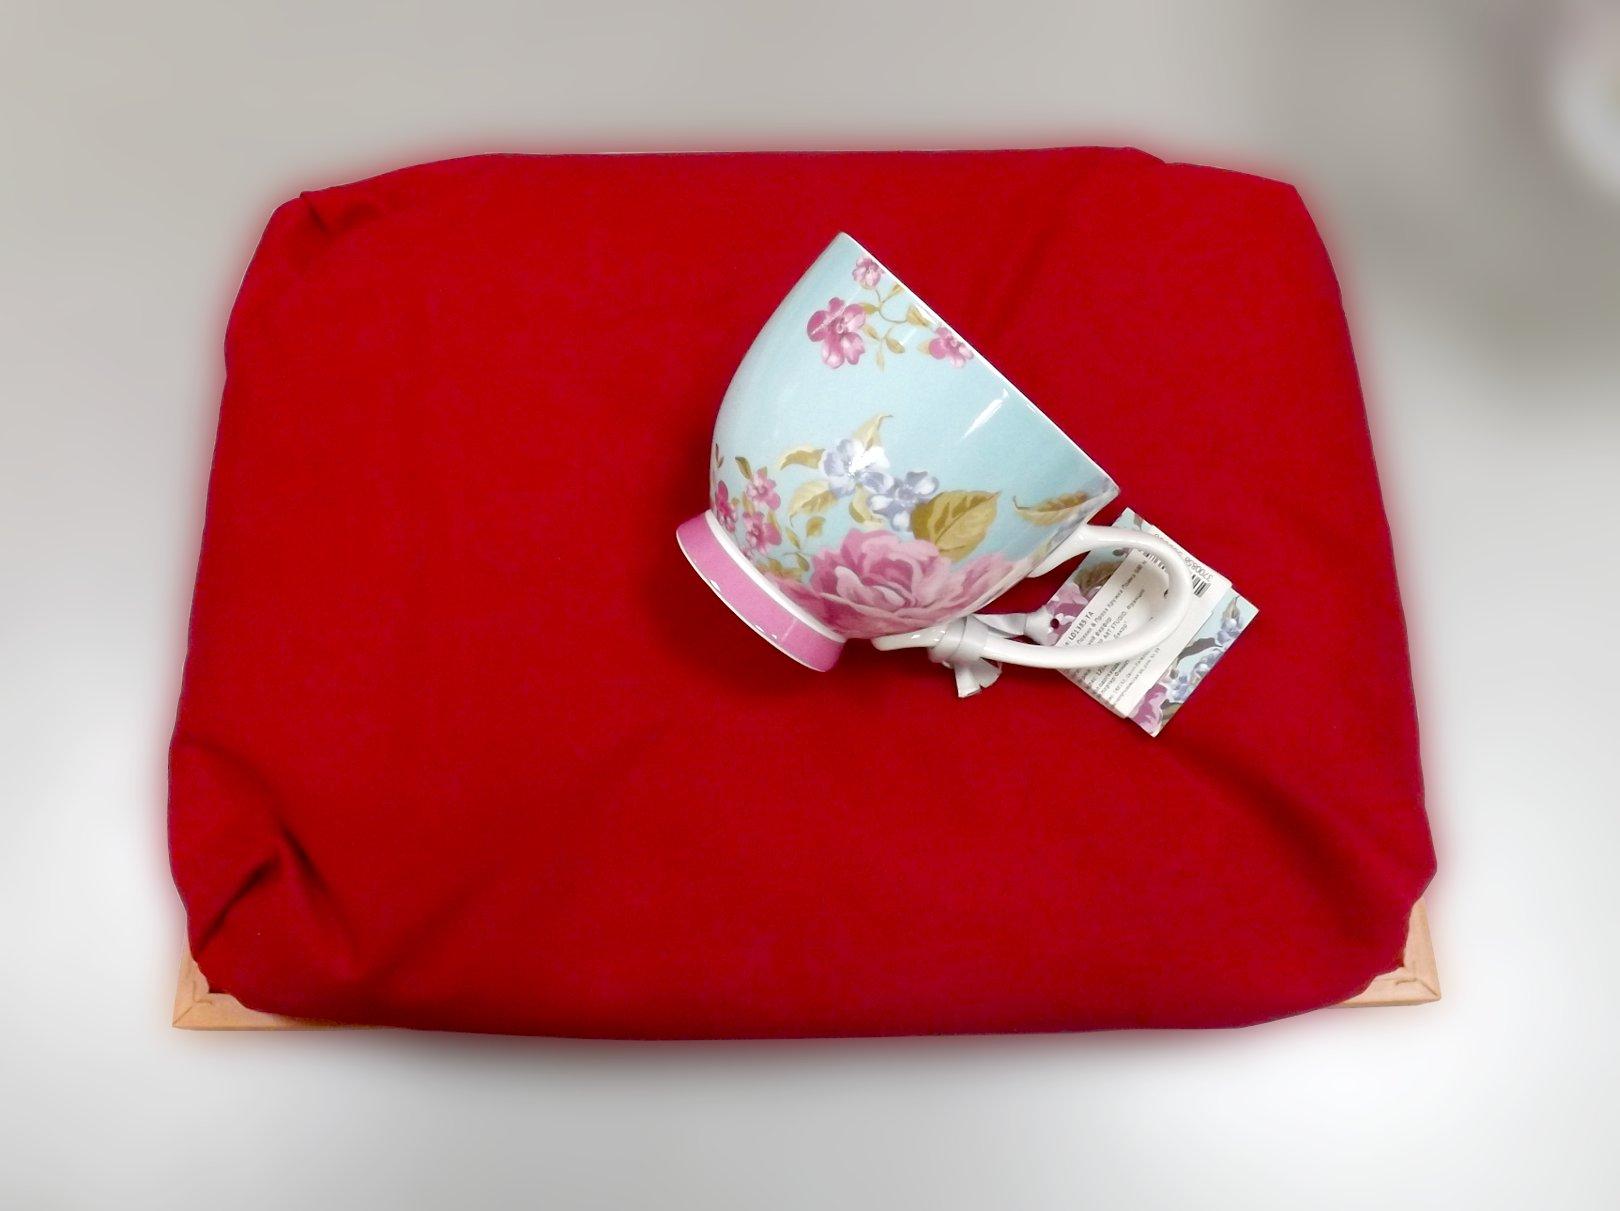 Обратная сторона подноса на подушке с изображением побережья Нормандии и кружка из костяного фарфора из серии Поэзия & Проза от Top Art Studio